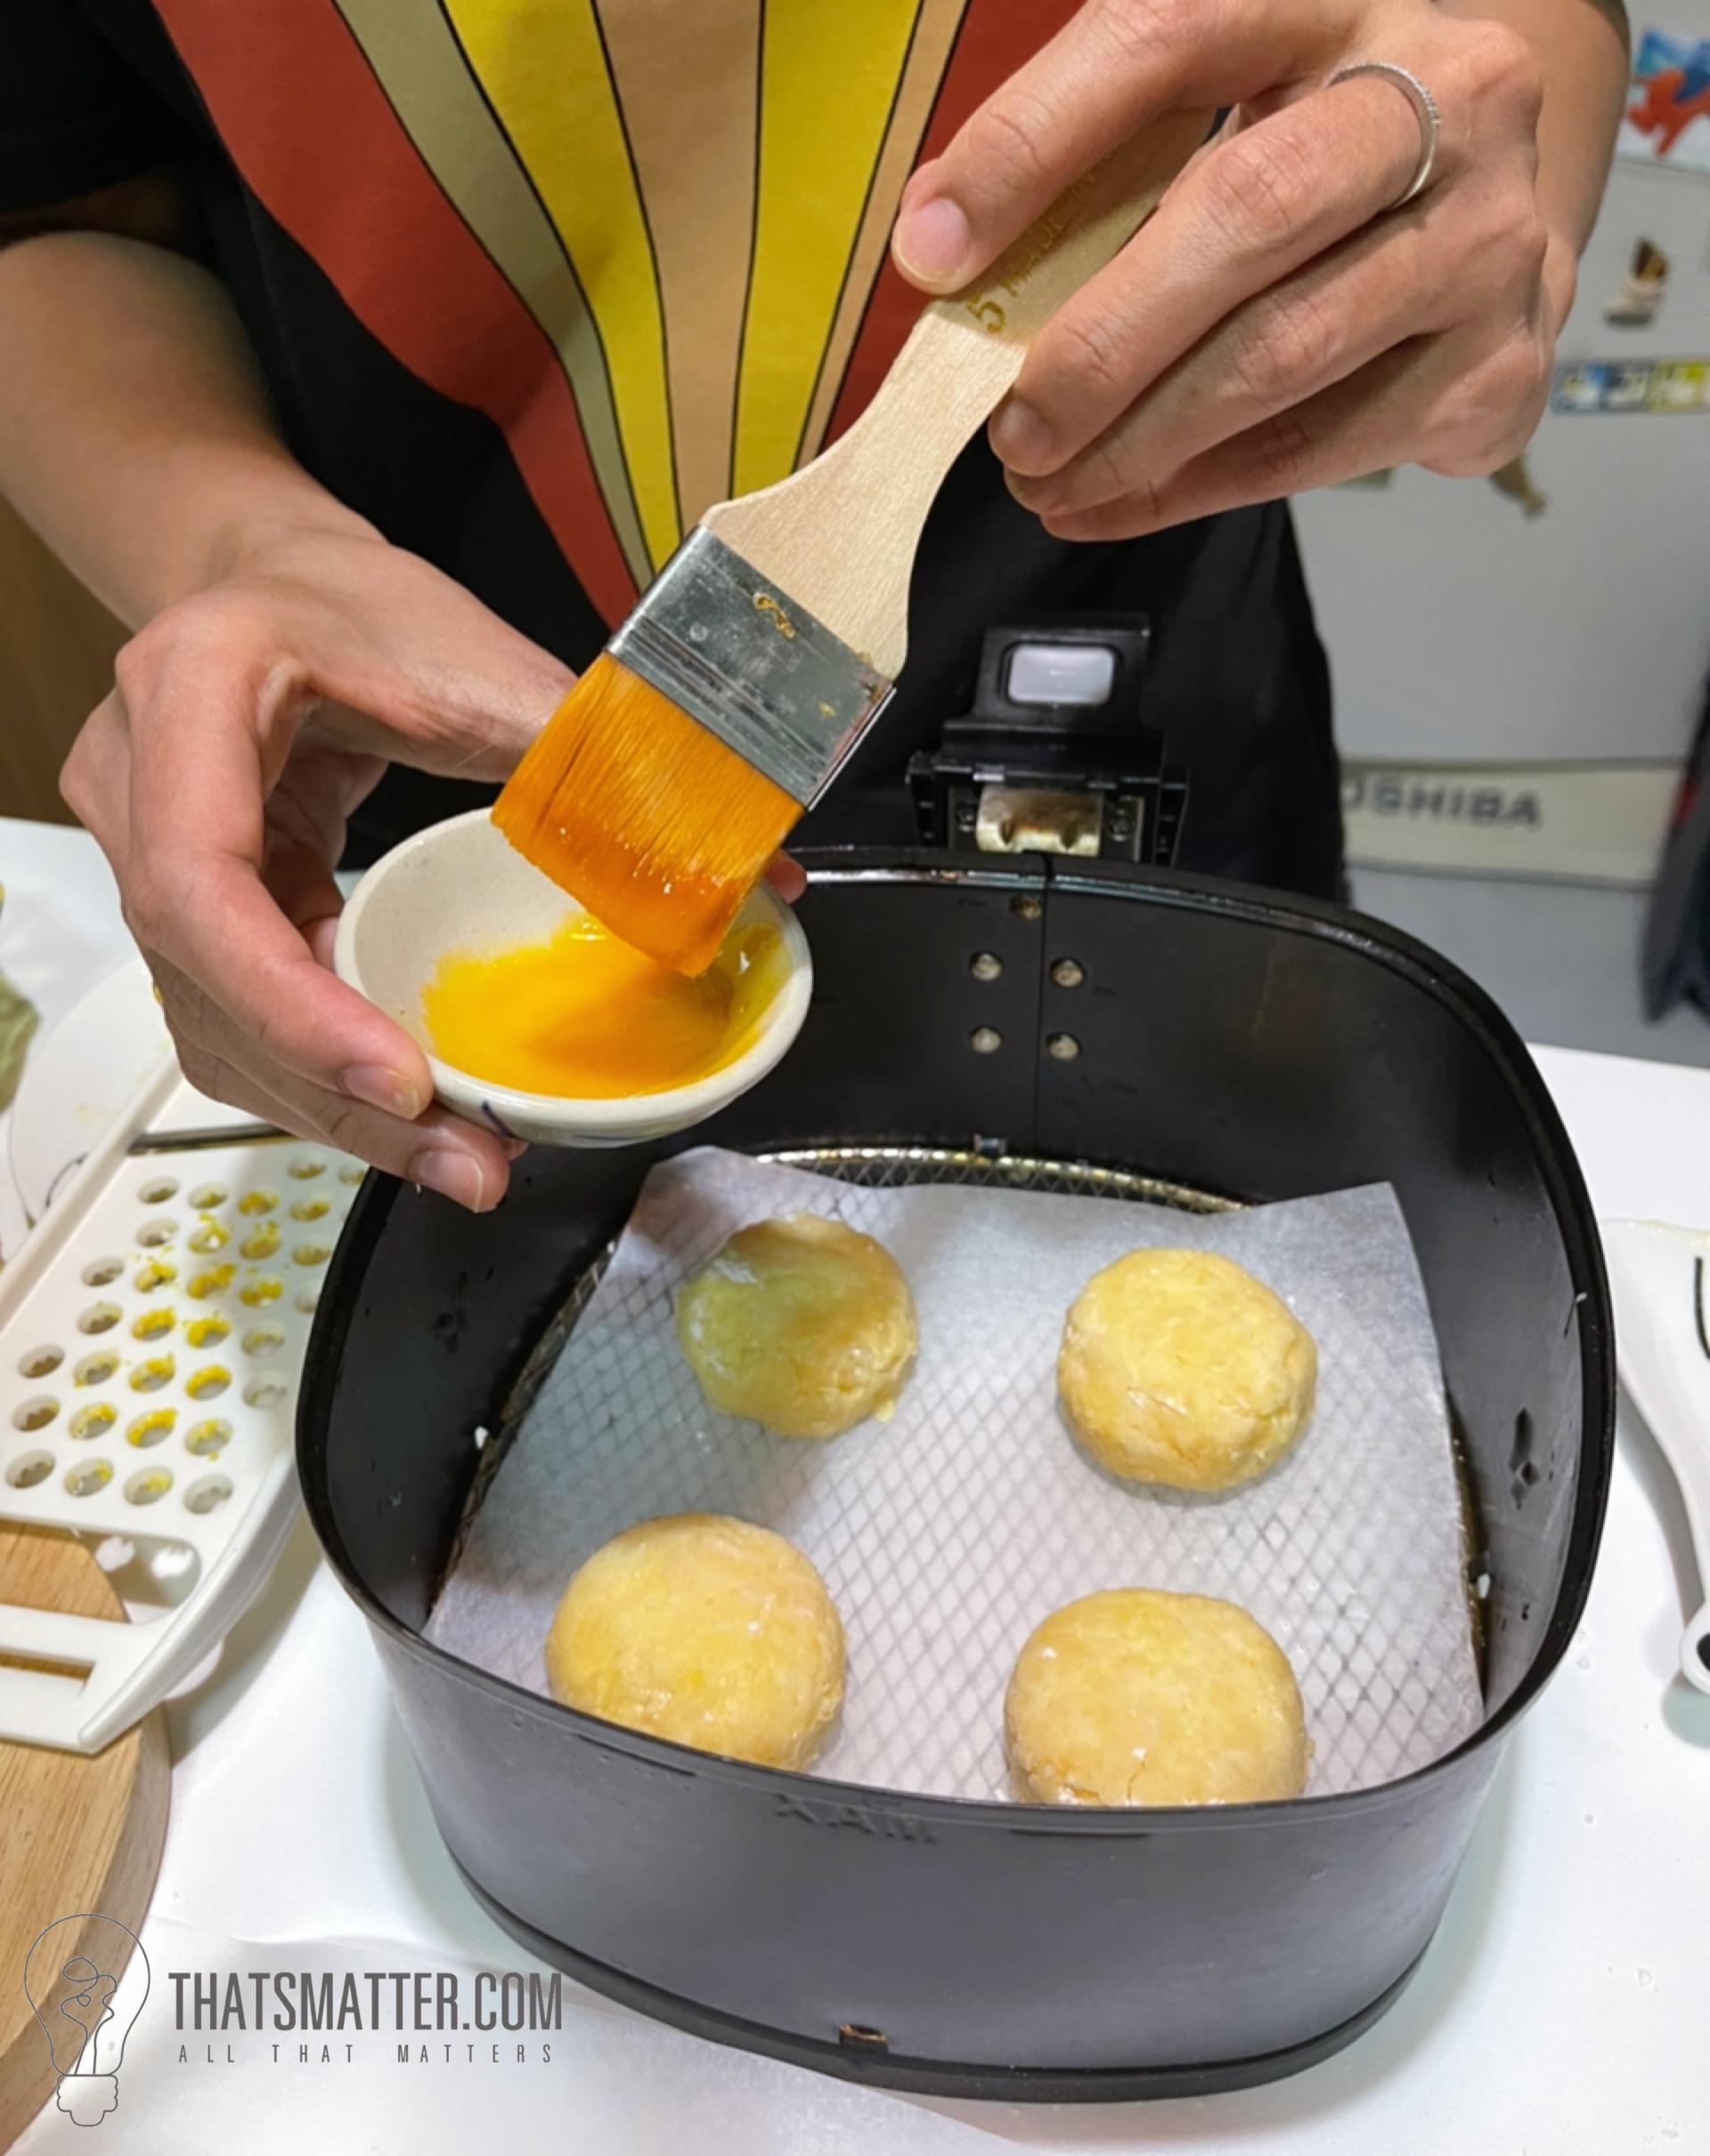 ไข่แดงทาด้านบนของสโคน